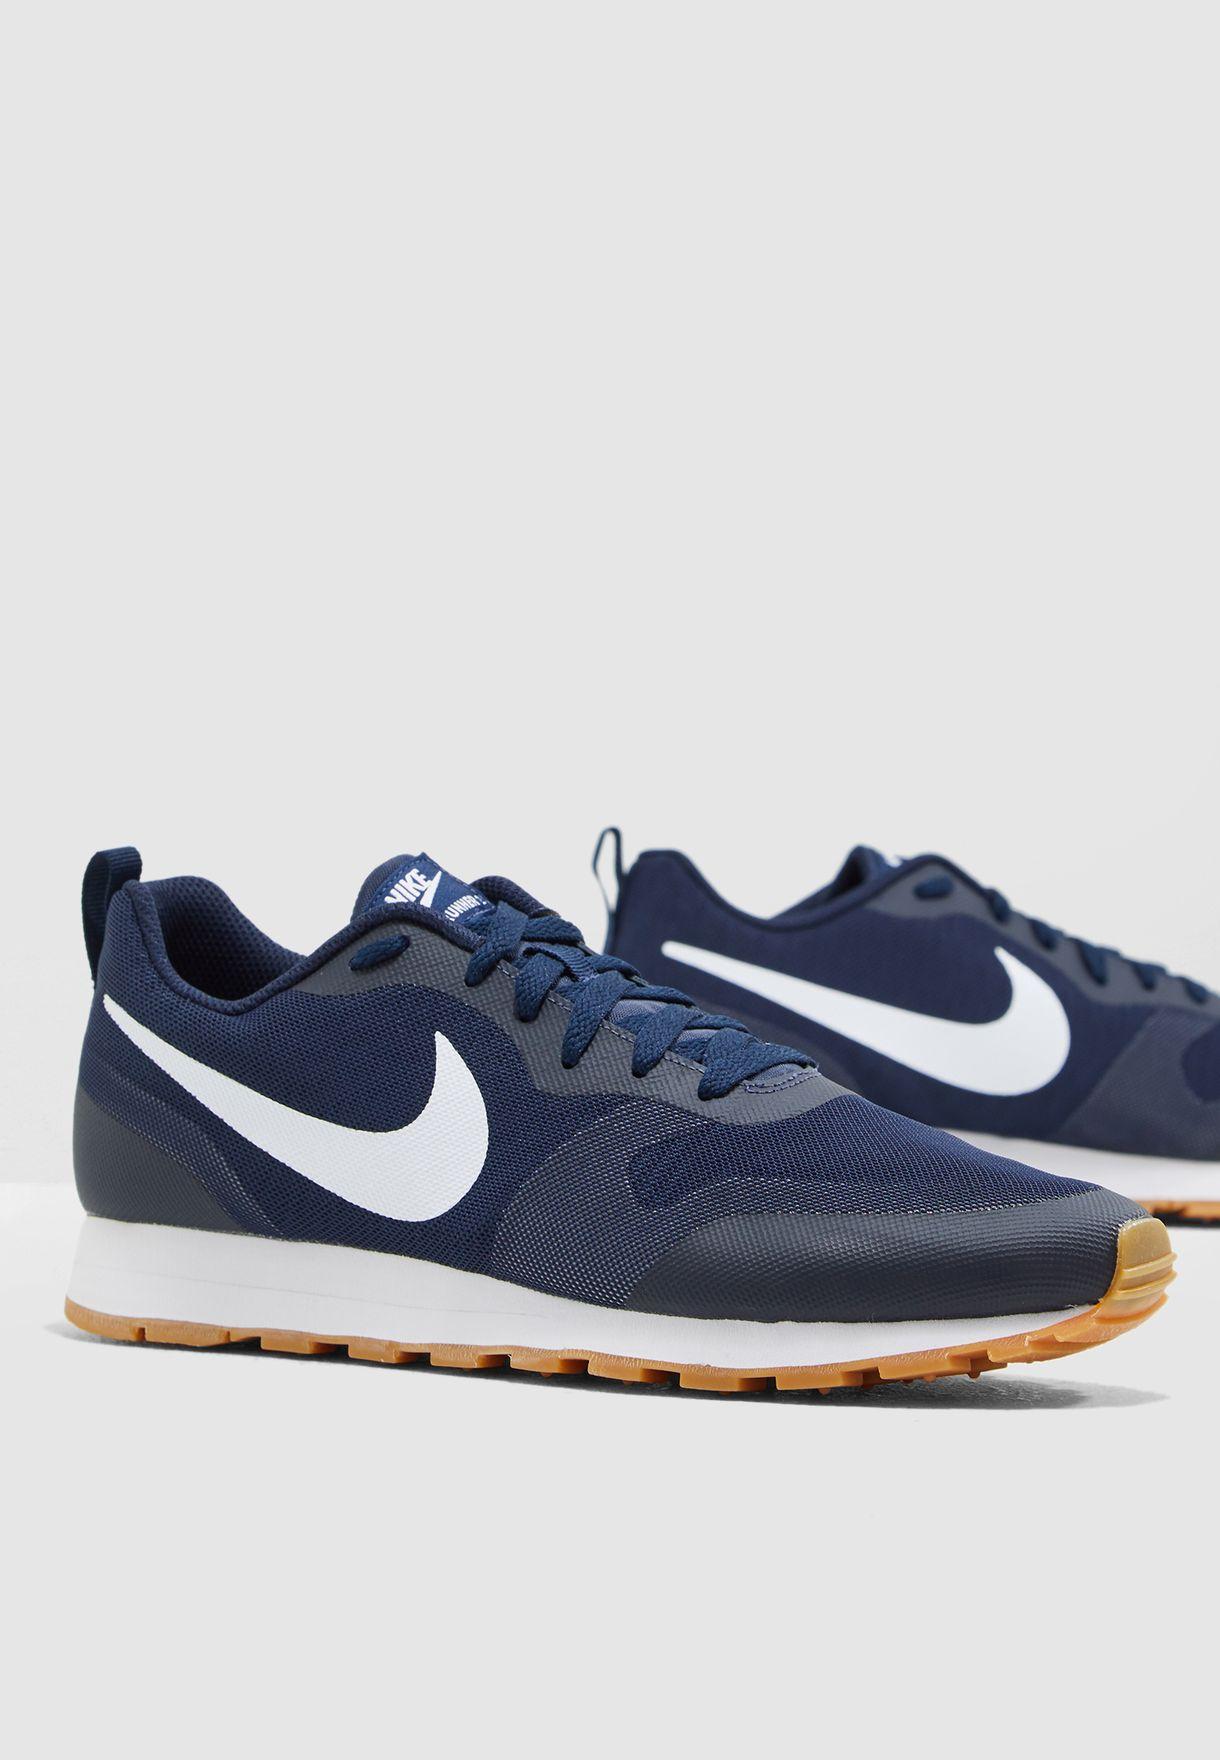 Buy Nike navy MD Runner 2 19 for Men in